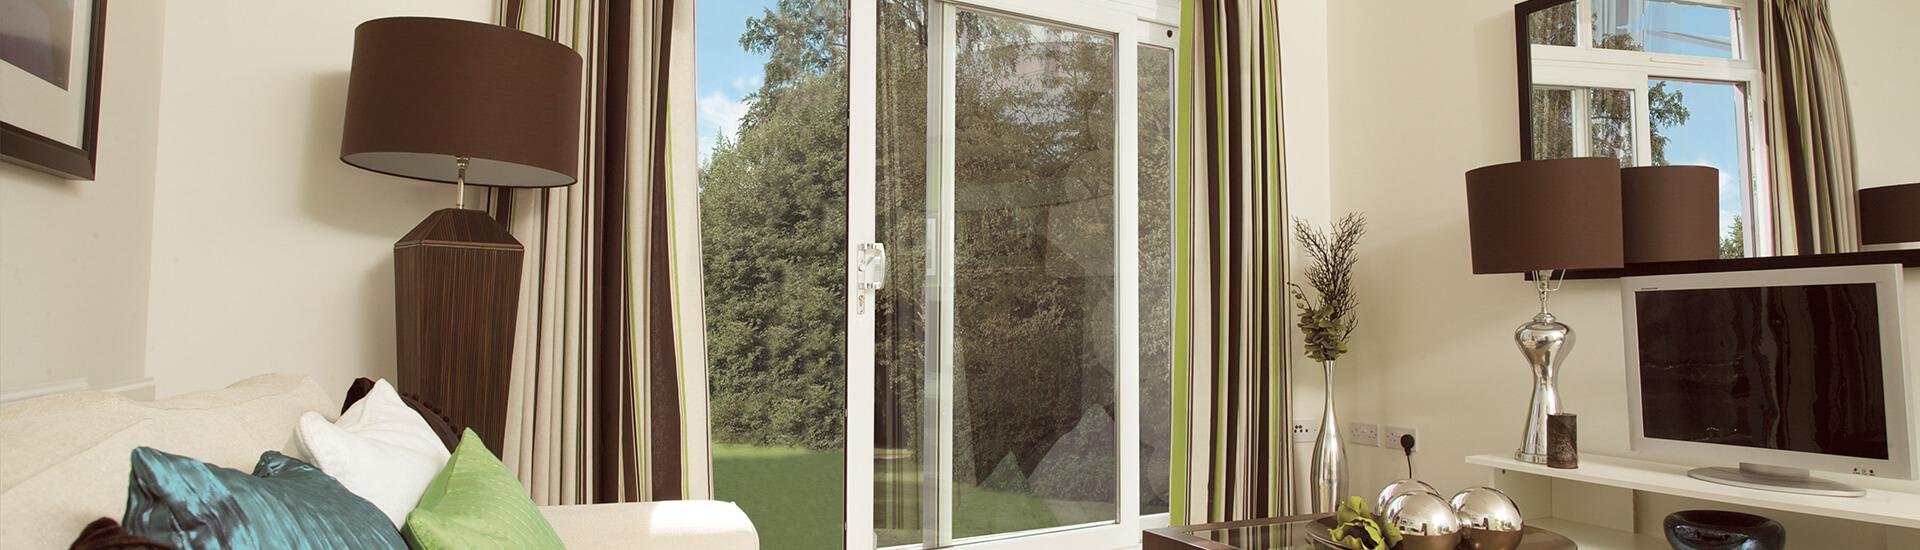 Upvc Sliding Patio Doors Fineline Double Glazing Installers In Kent